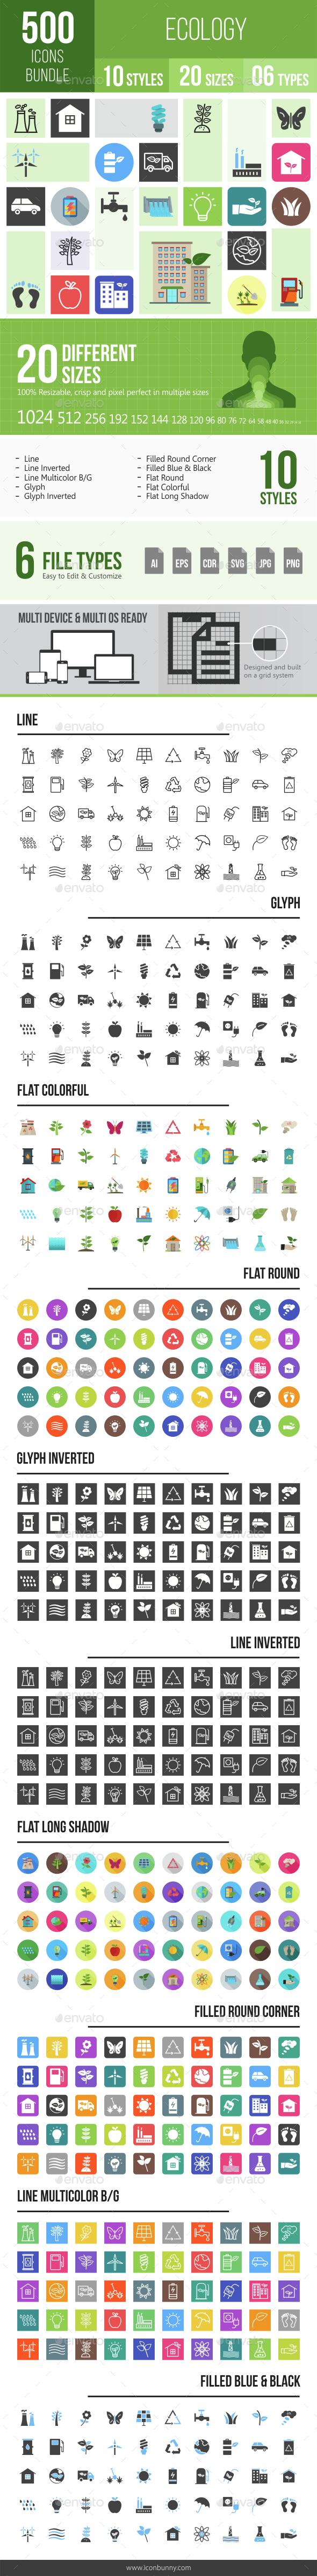 500 Ecology Icons Bundle - Icons